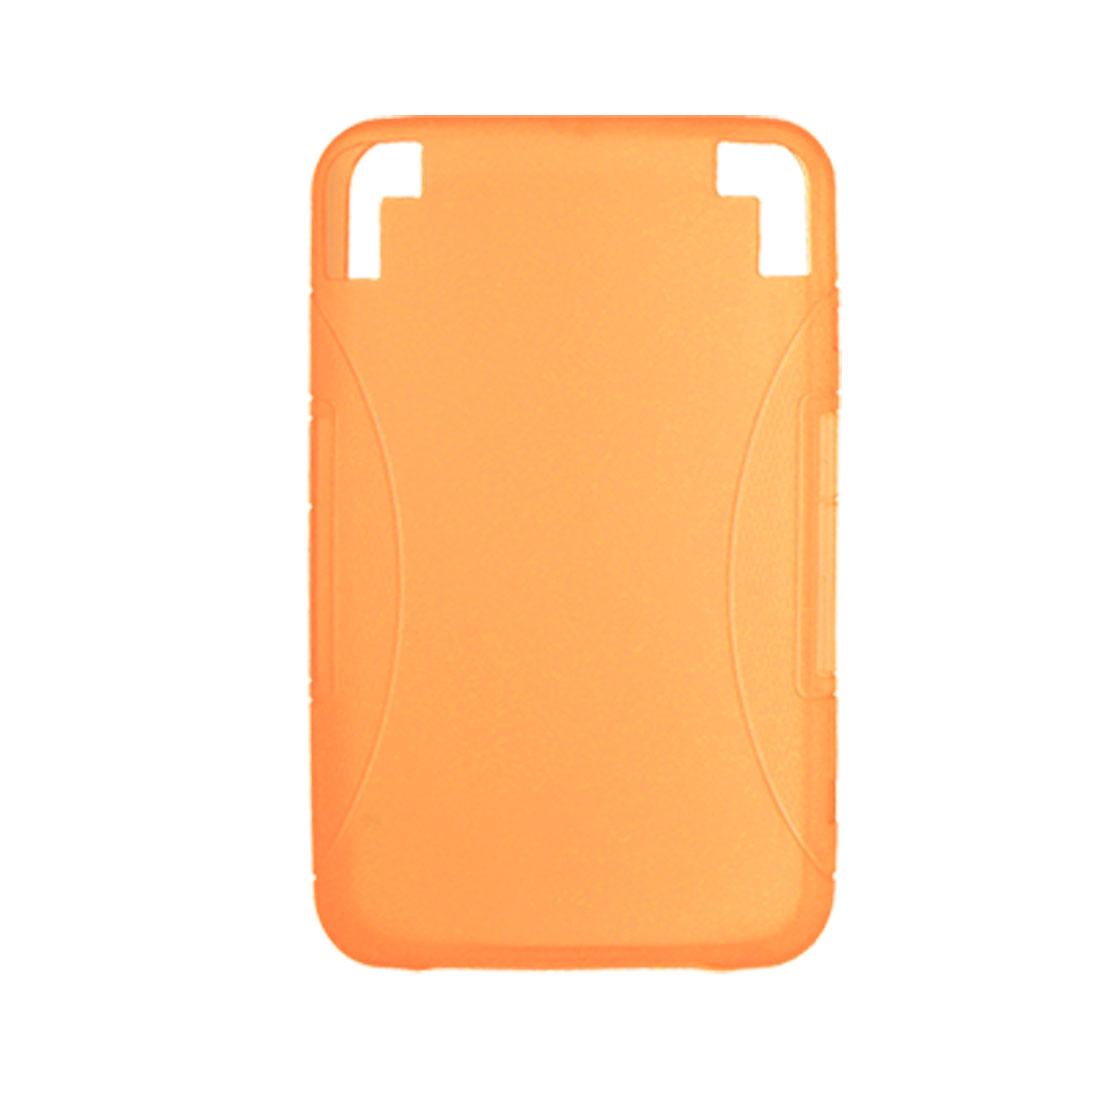 Smooth Orange Soft Plastic Case for Amazon Kindle 3